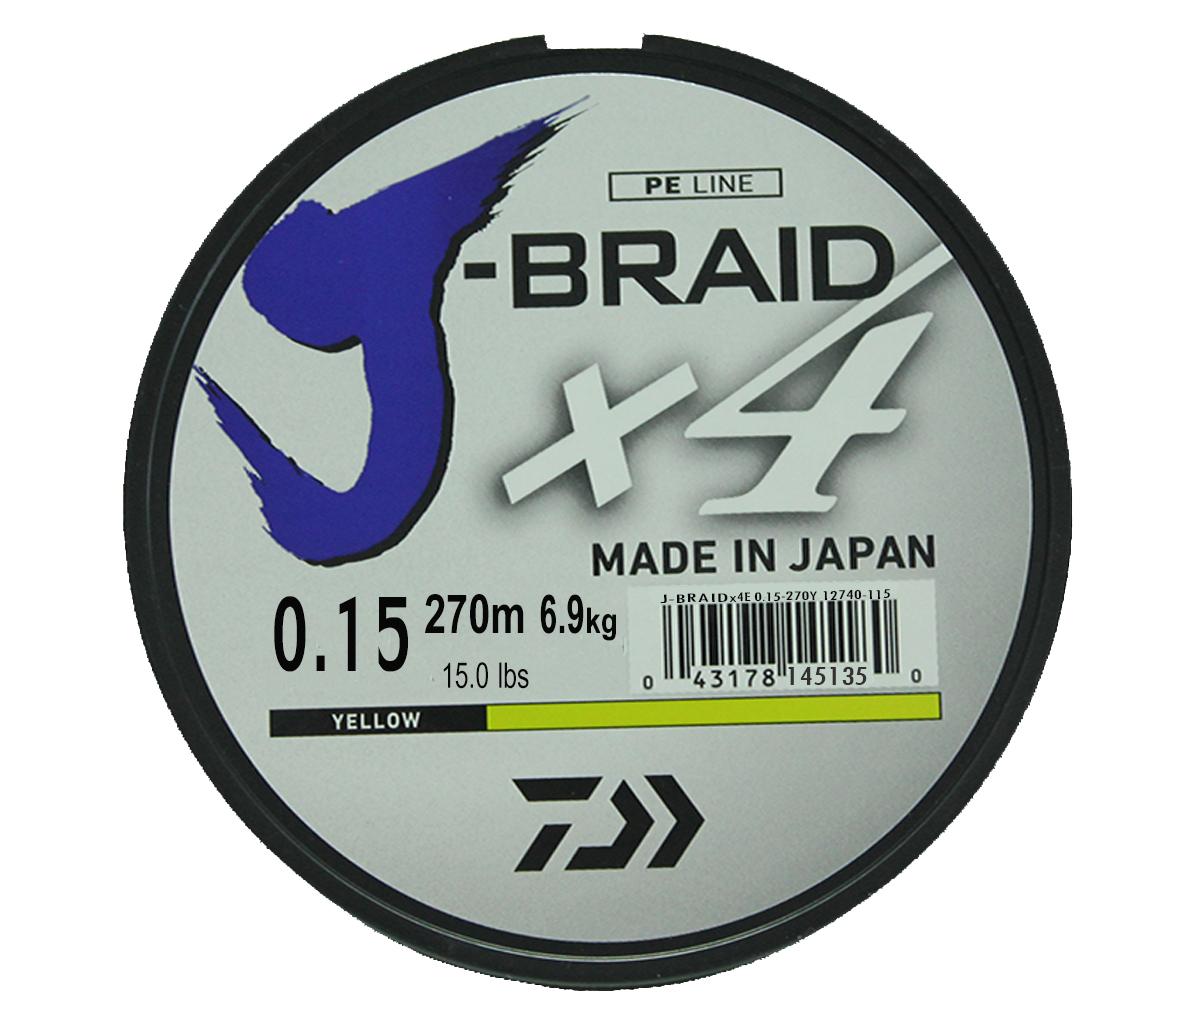 Шнур плетеный Daiwa J-Braid X4, цвет: флуоресцентный желтый, 270 м, 0,15 мм4271825Новый 4х жильный шнур J-Braid, DAIWA - шнур высокого класса с удивительным соотношением цены и качества. Качество плетения полностьюсоответствует японским стандартам и удовлетворяет всем требованиям. Представленные диаметры позволяют использовать шнур для всех техникловли, начиная от ultra- light ловли окуня, до морской ловли палтуса, трески и т.д